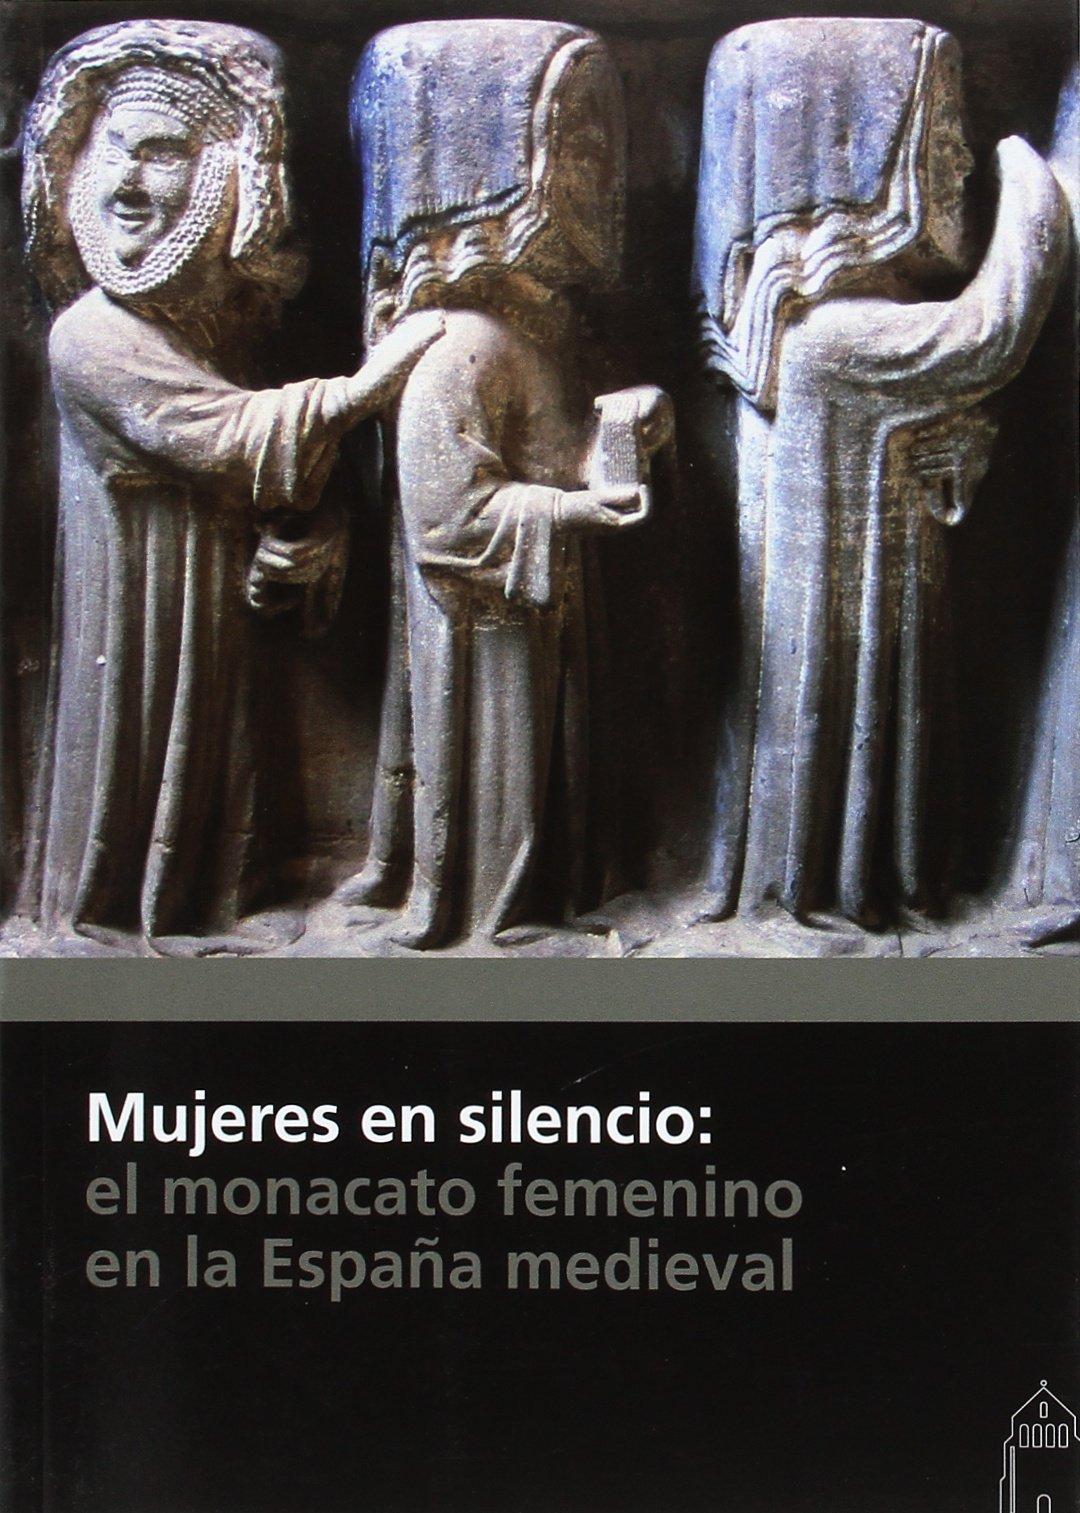 Mujeres en silencio: el monacato femenino en la España medieval: Amazon.es: VARIOS AUTORES: Libros